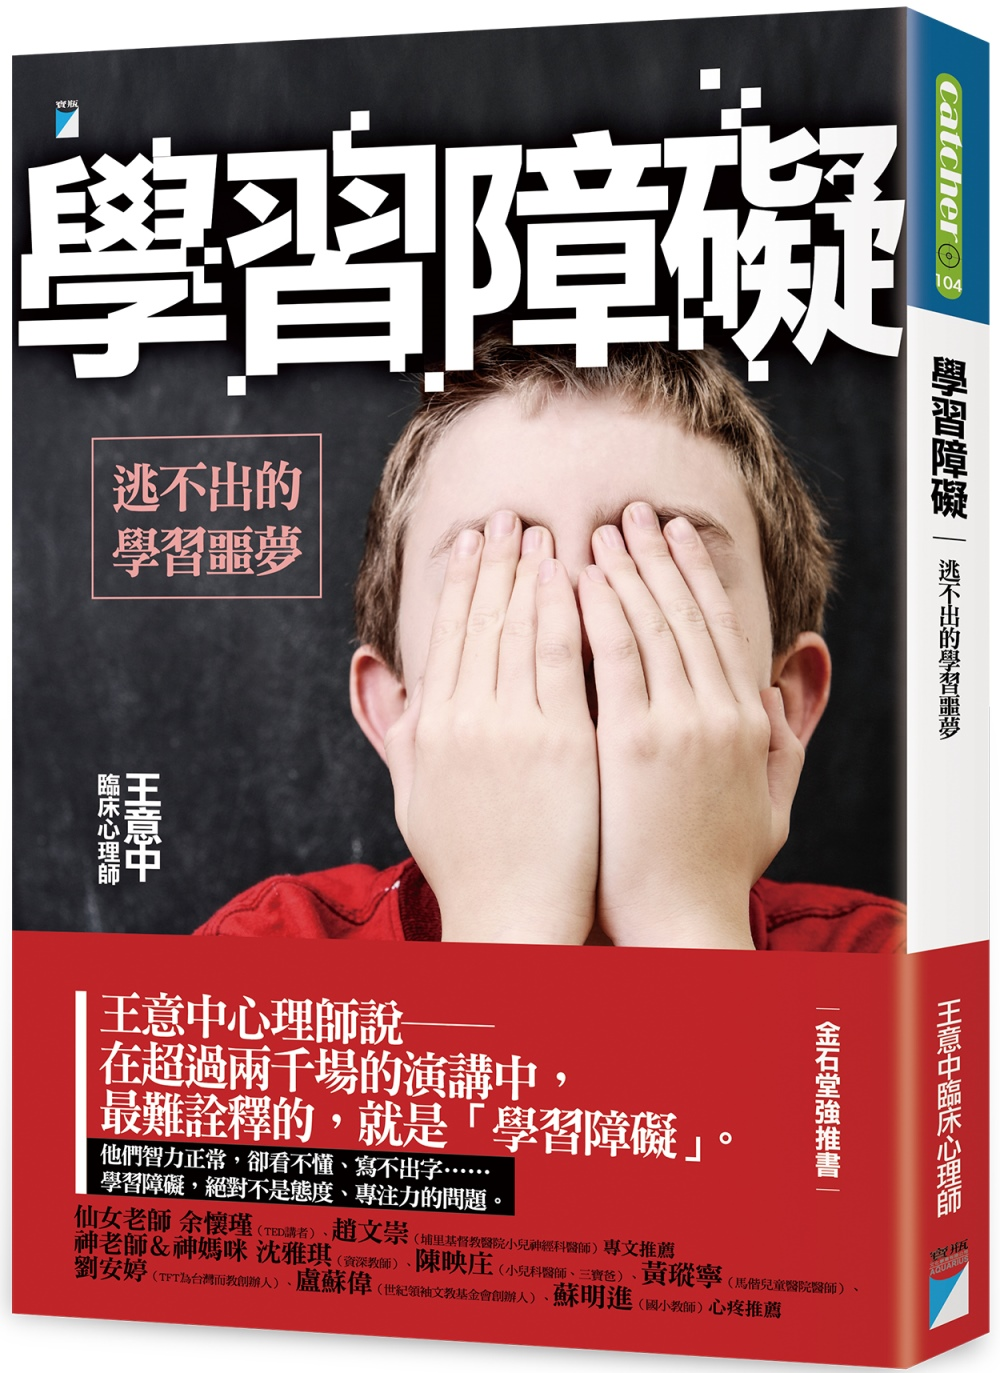 學習障礙:逃不出的學習噩夢